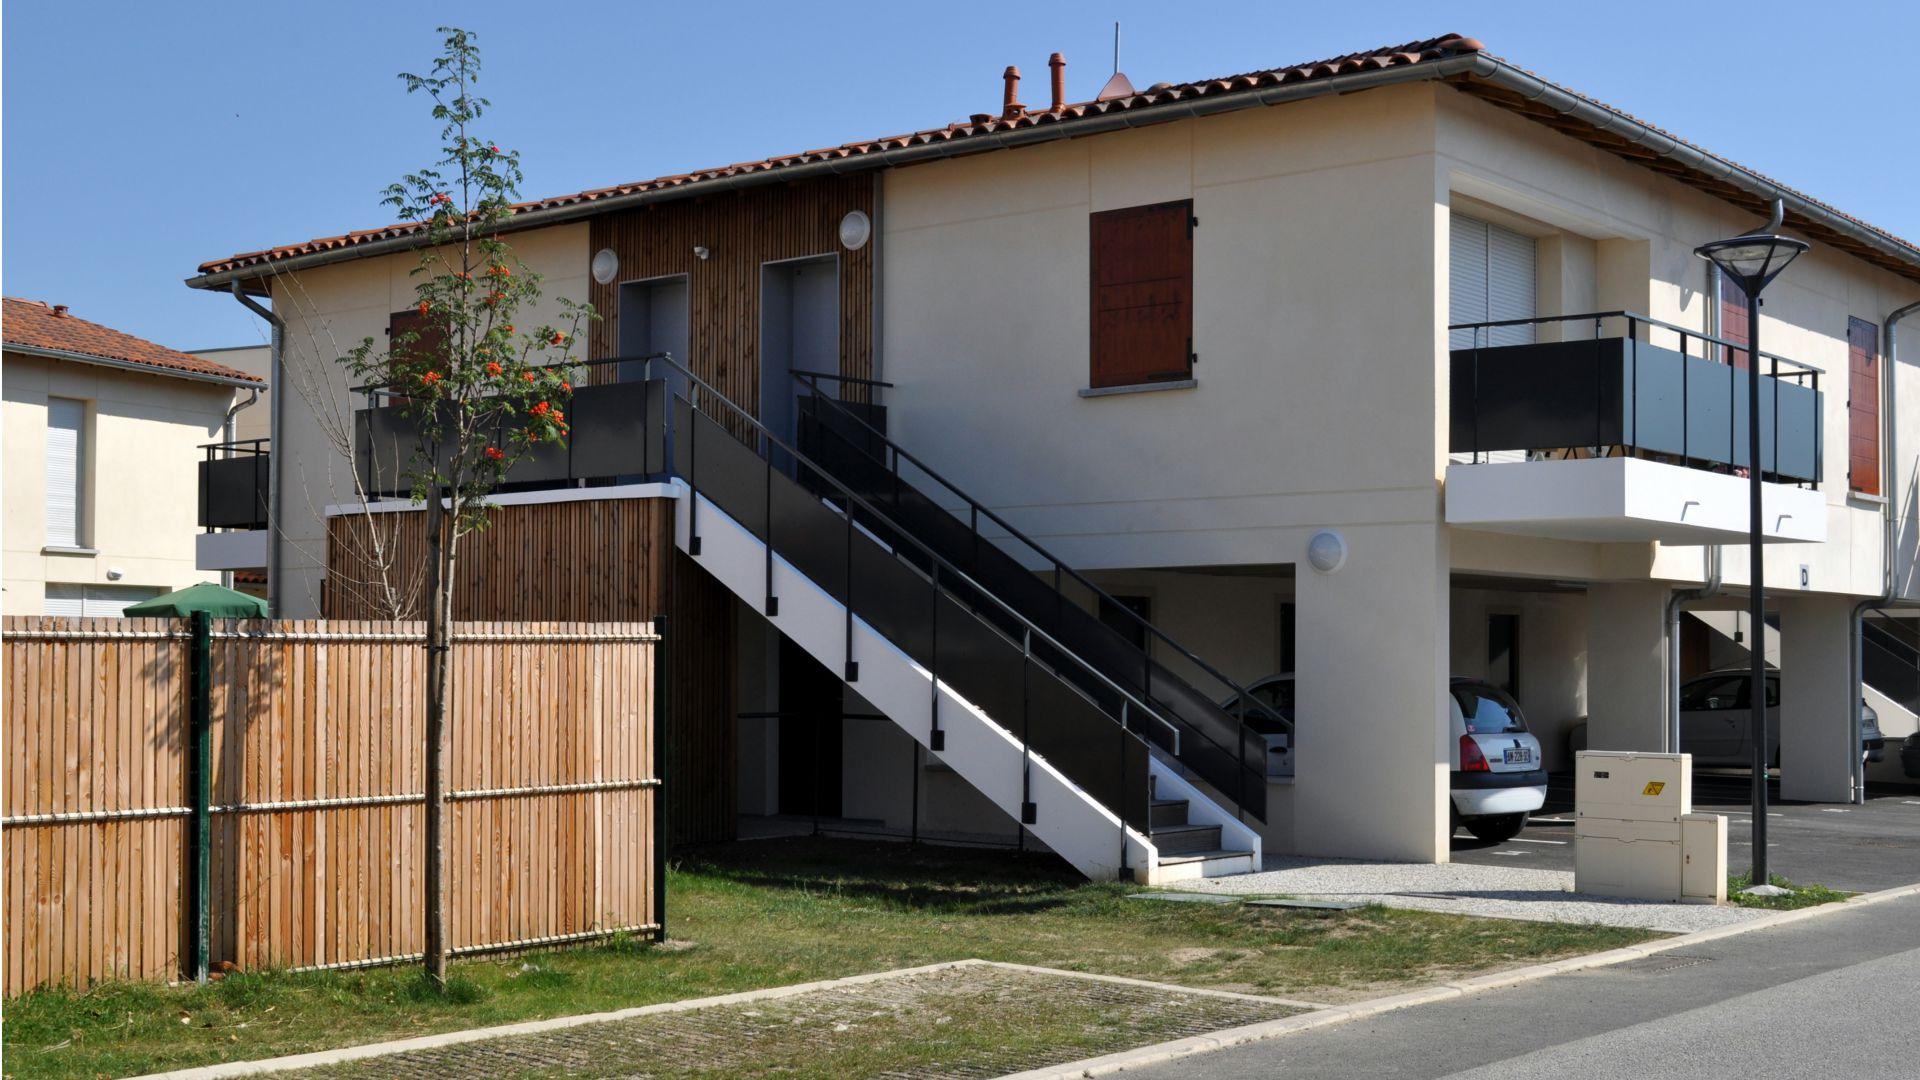 Greencity Immobilier - Le Clos Amandine - 31270- Cugnaux - location appartements et villa